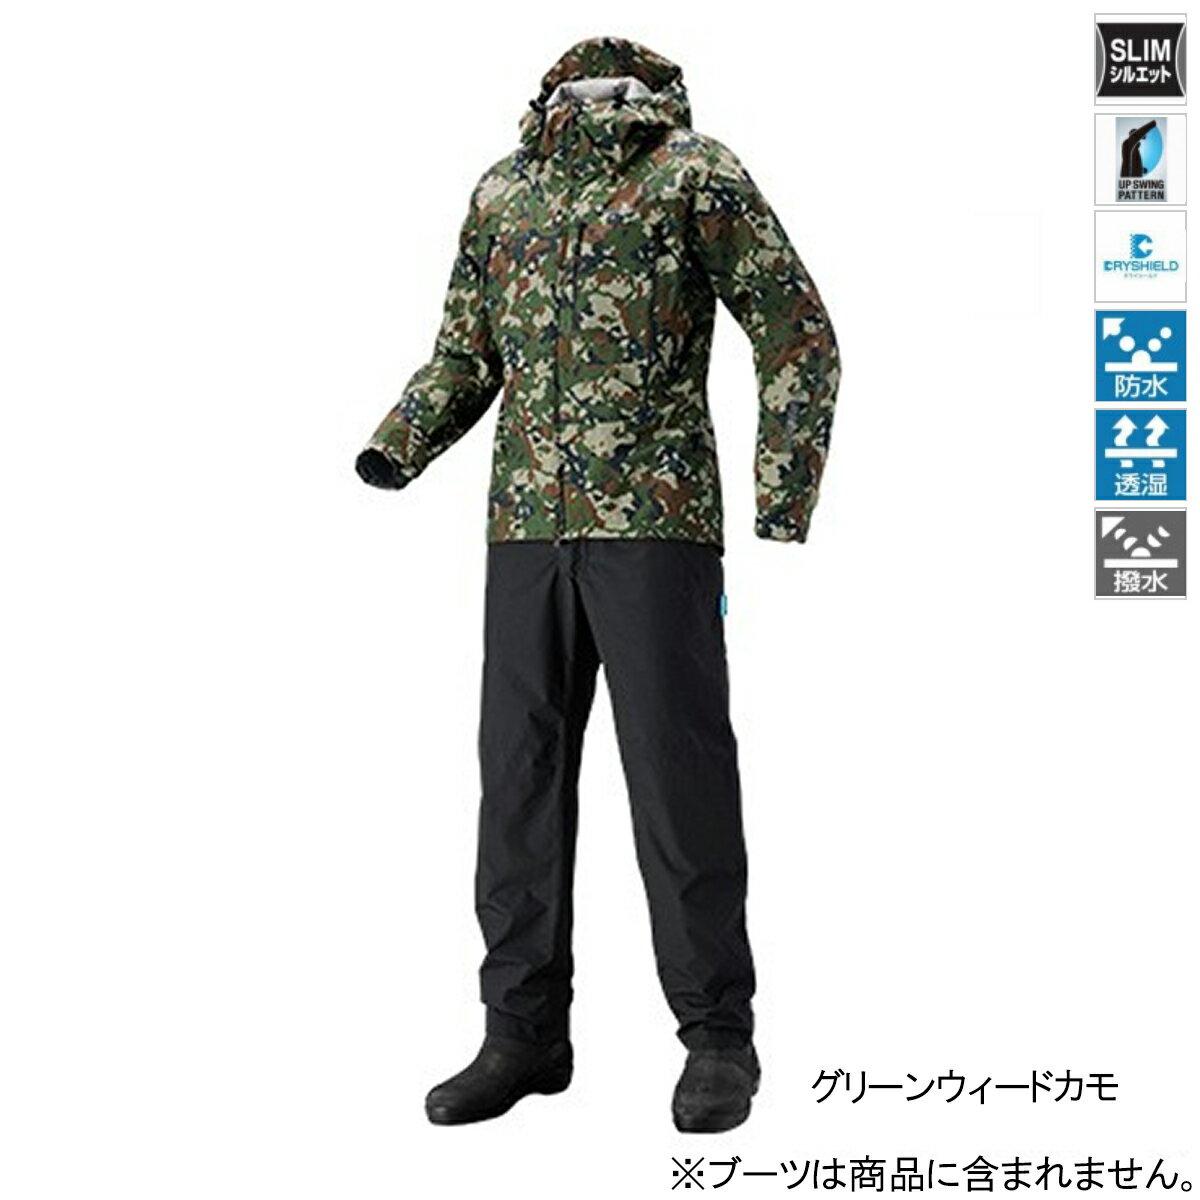 シマノ DSエクスプローラースーツ RA-024S M グリーンウィードカモ【送料無料】